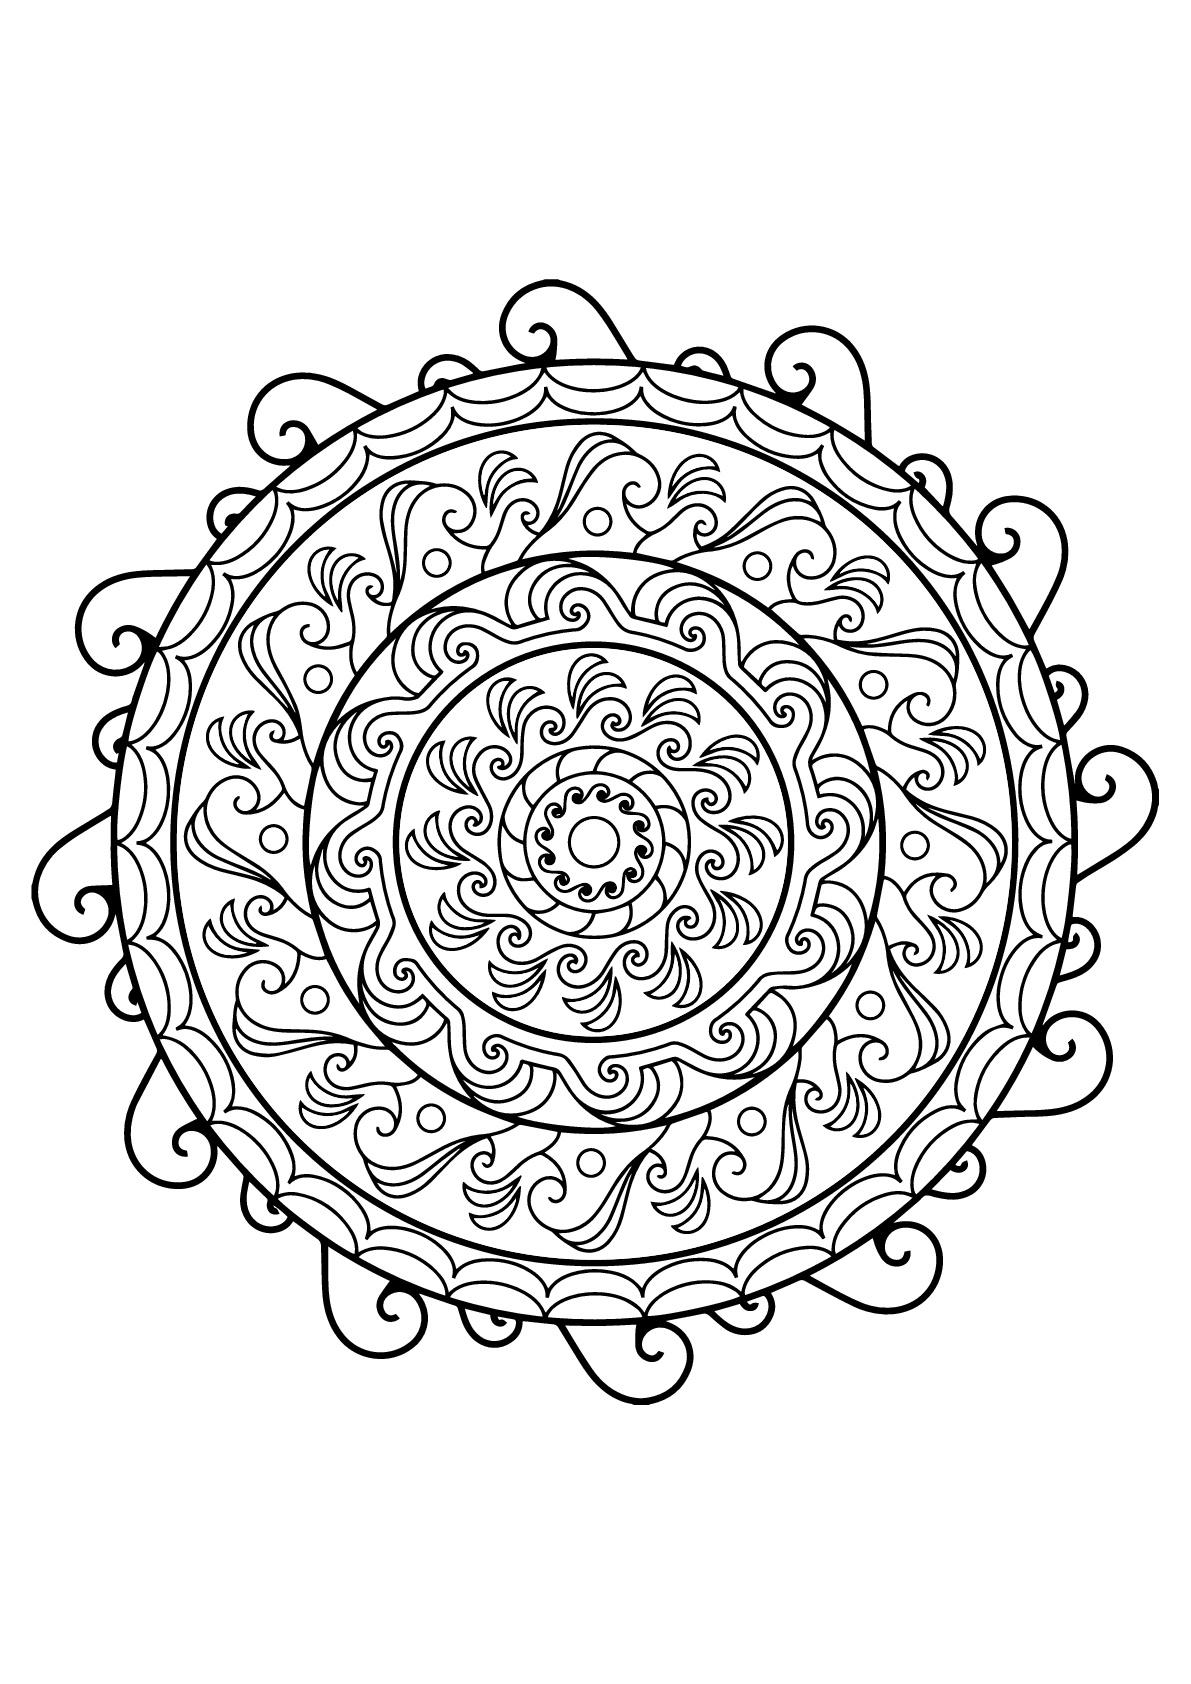 Mandala Livre Gratuit 21 - Mandalas - Coloriages concernant Livre Coloriage Adulte